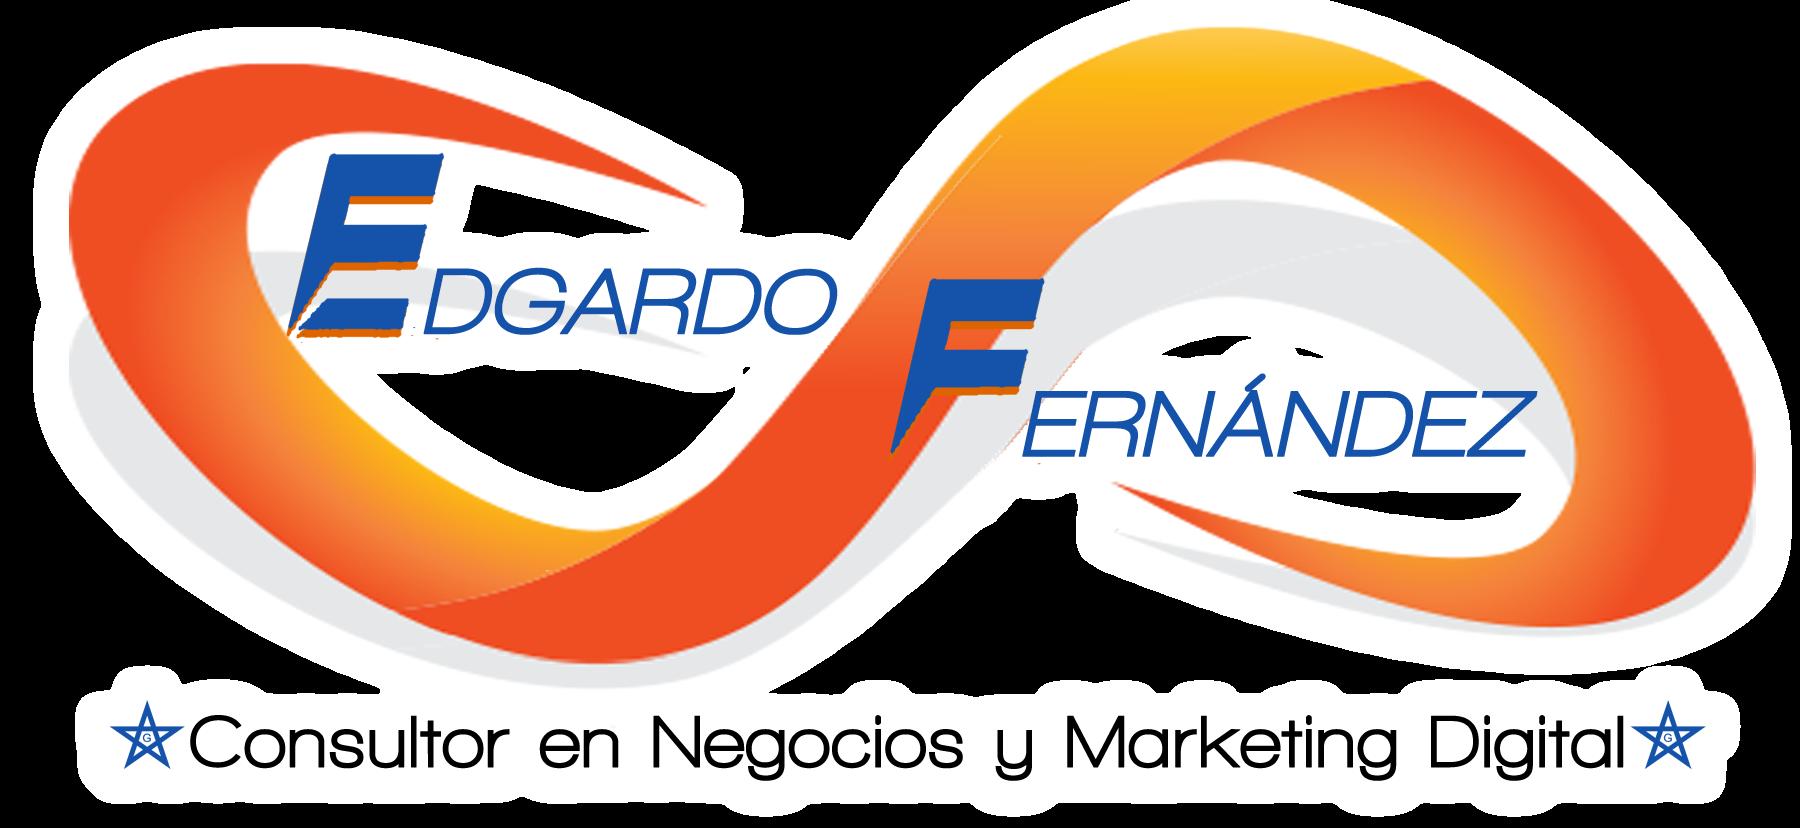 Edgardo Fernandez